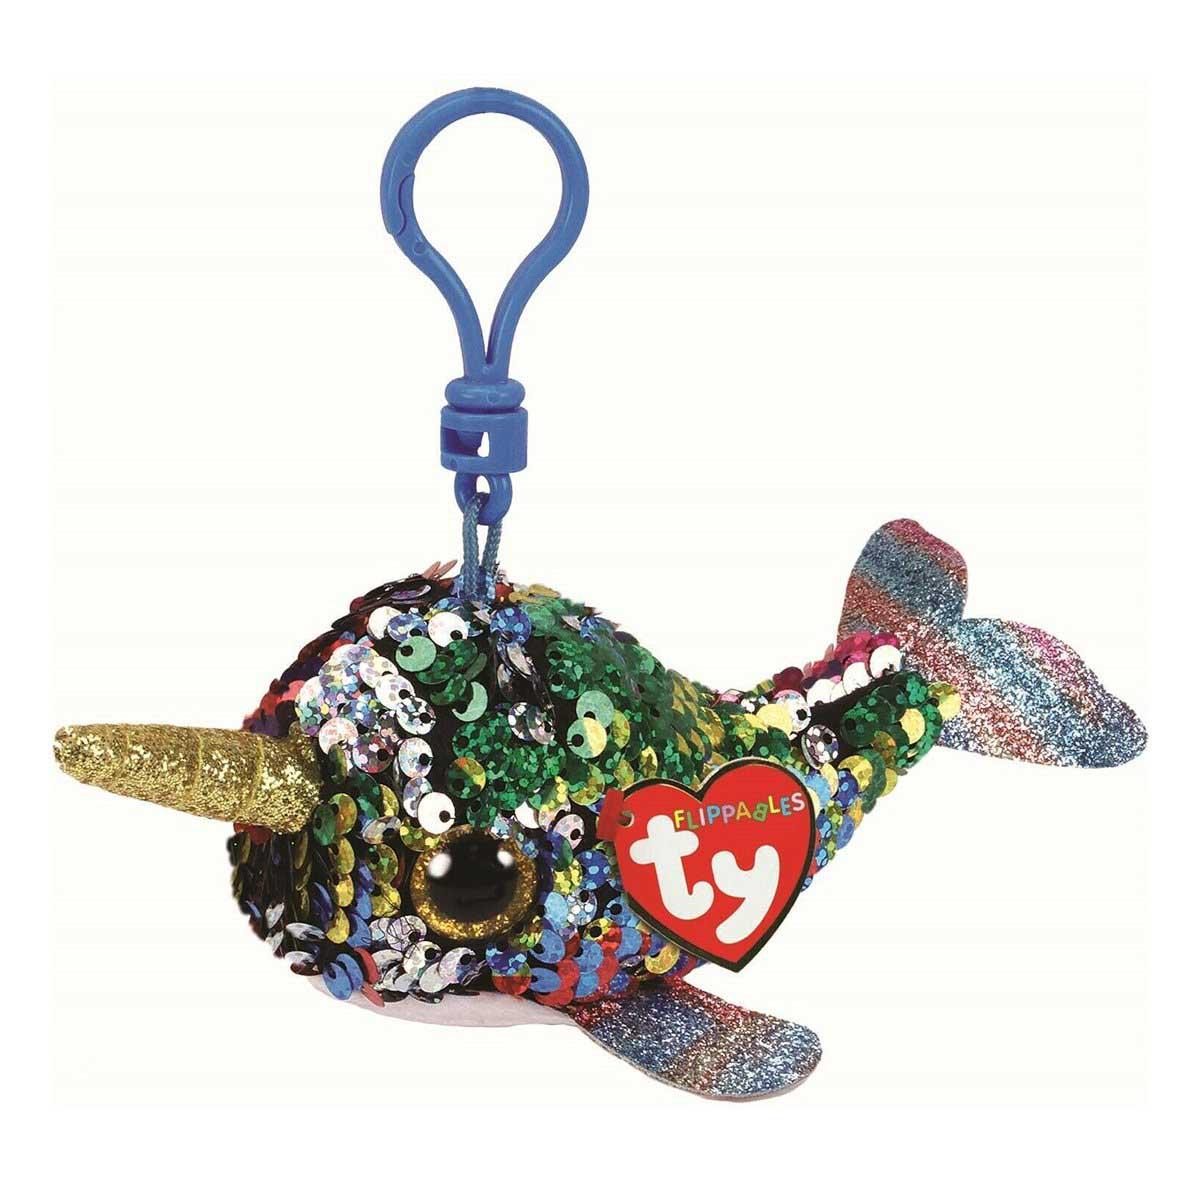 35304 TY Flippables CALYPSO - разноцветный кит с рогом, с пайетками игрушка-брелок 10 см